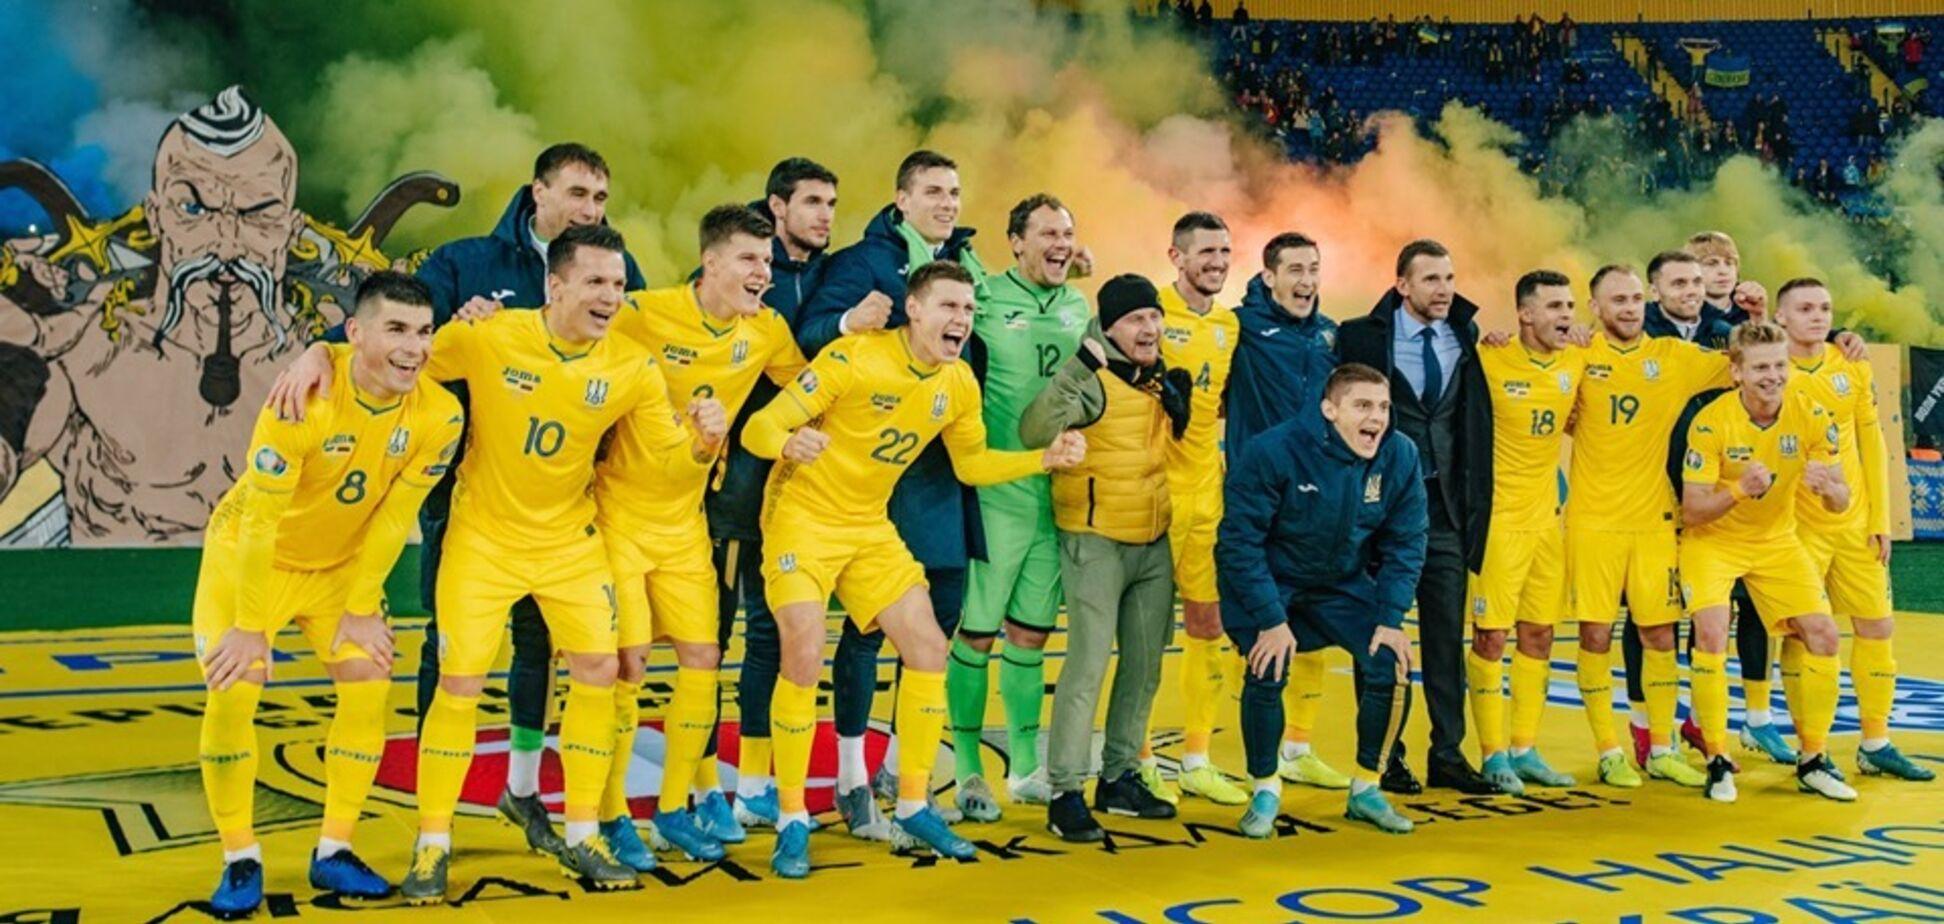 'Шева! Шева!' Переполненный стадион устроил овации тренеру сборной Украины - впечатляющее видео